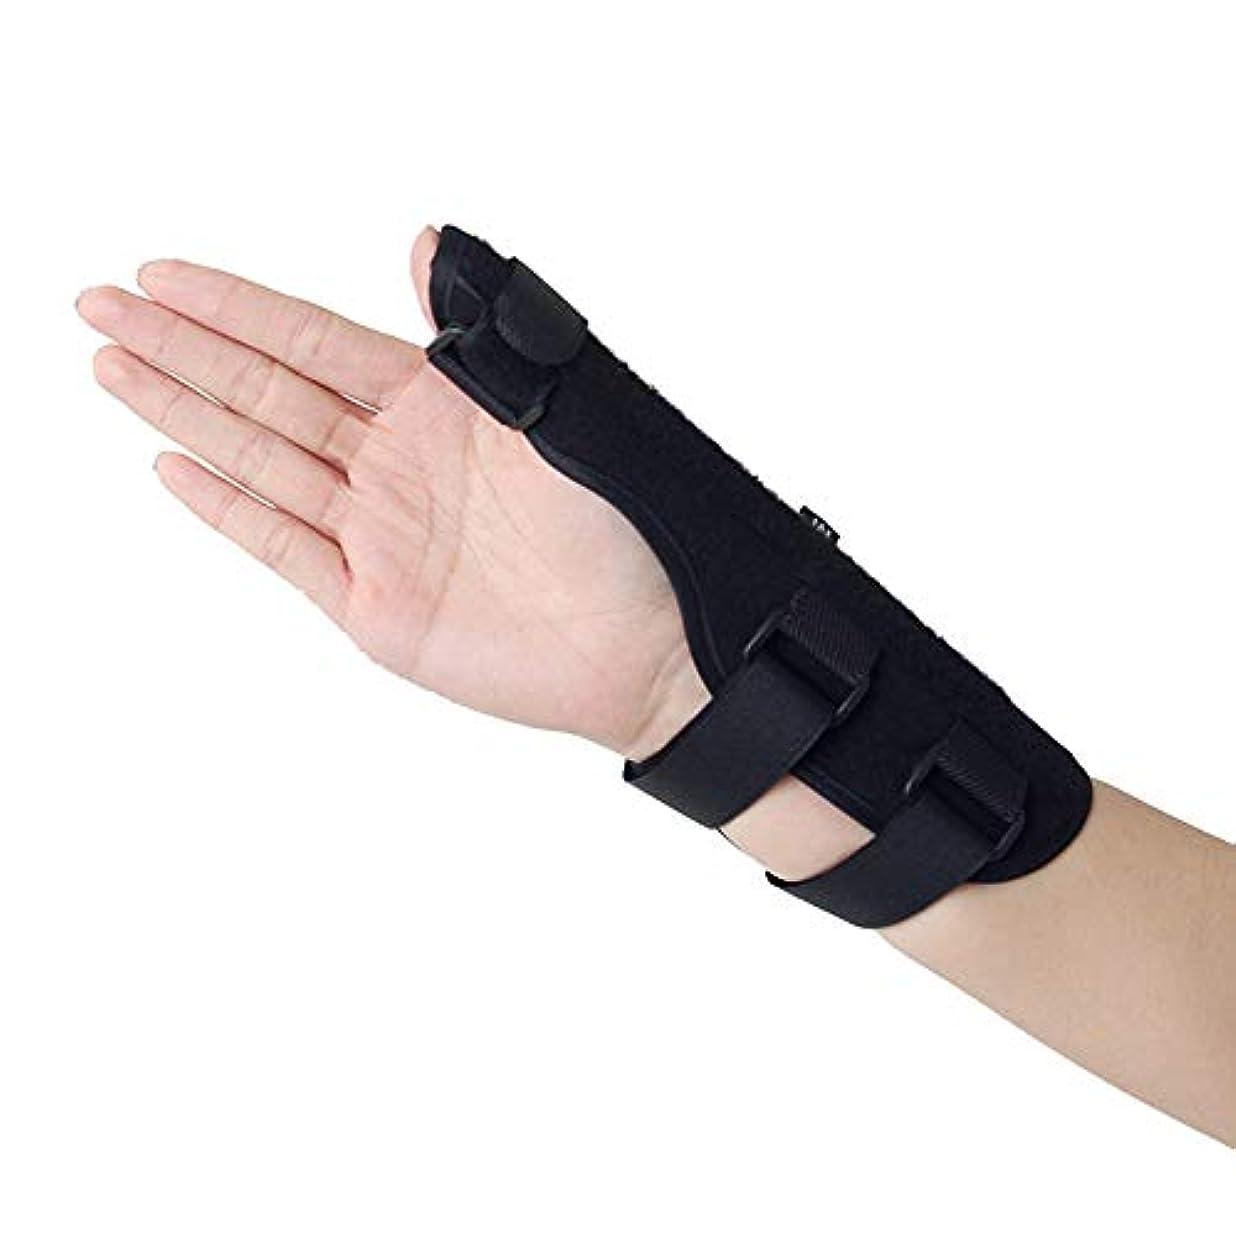 助言する迷信後世親指サポート、手首サポート、関節炎、関節痛、腱炎、捻rain、手の不安定性イモビライザーに最適軽量で通気性